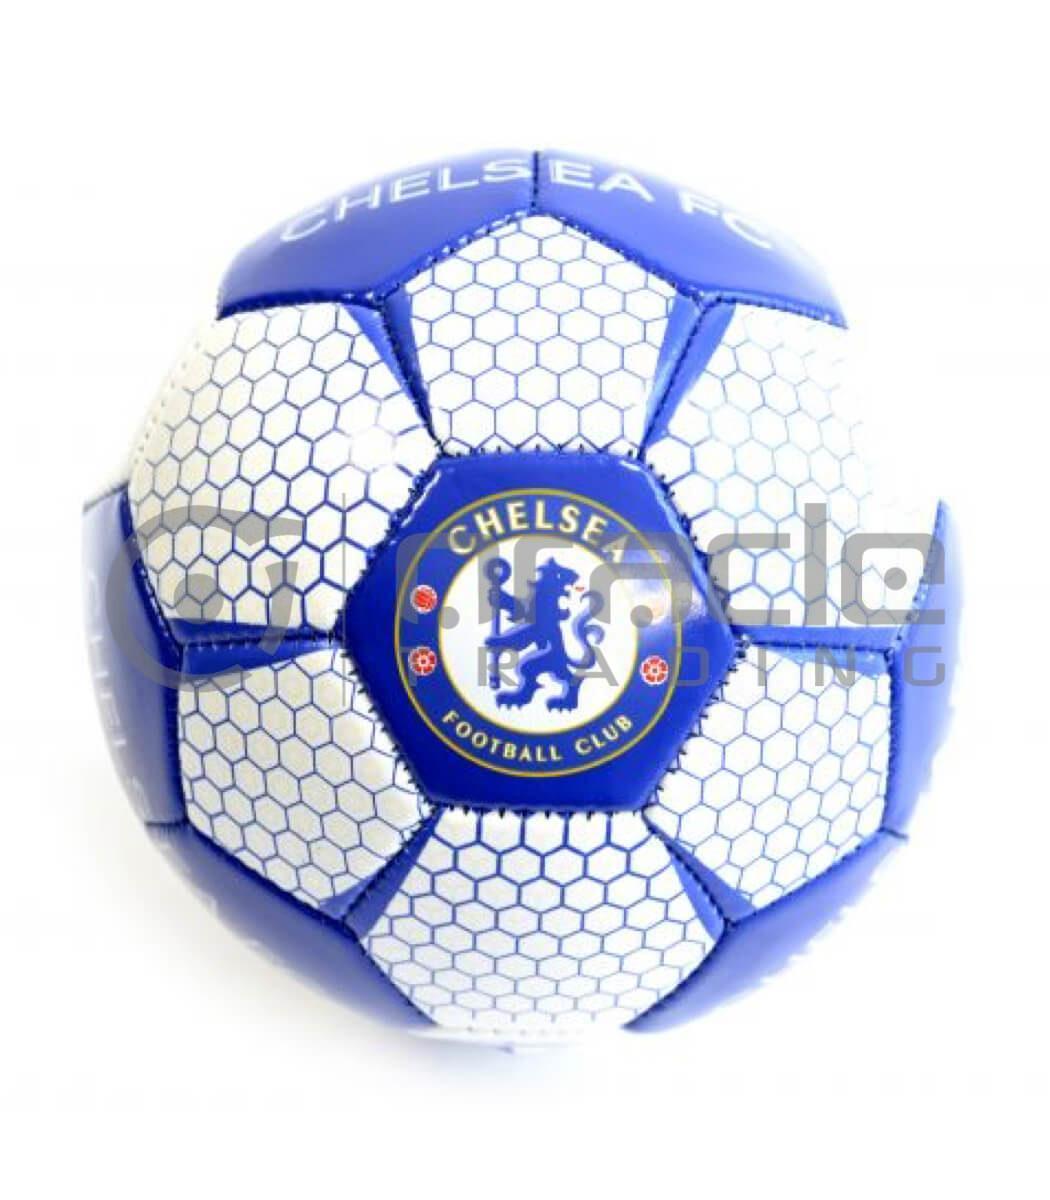 Chelsea Mini Soccer Ball